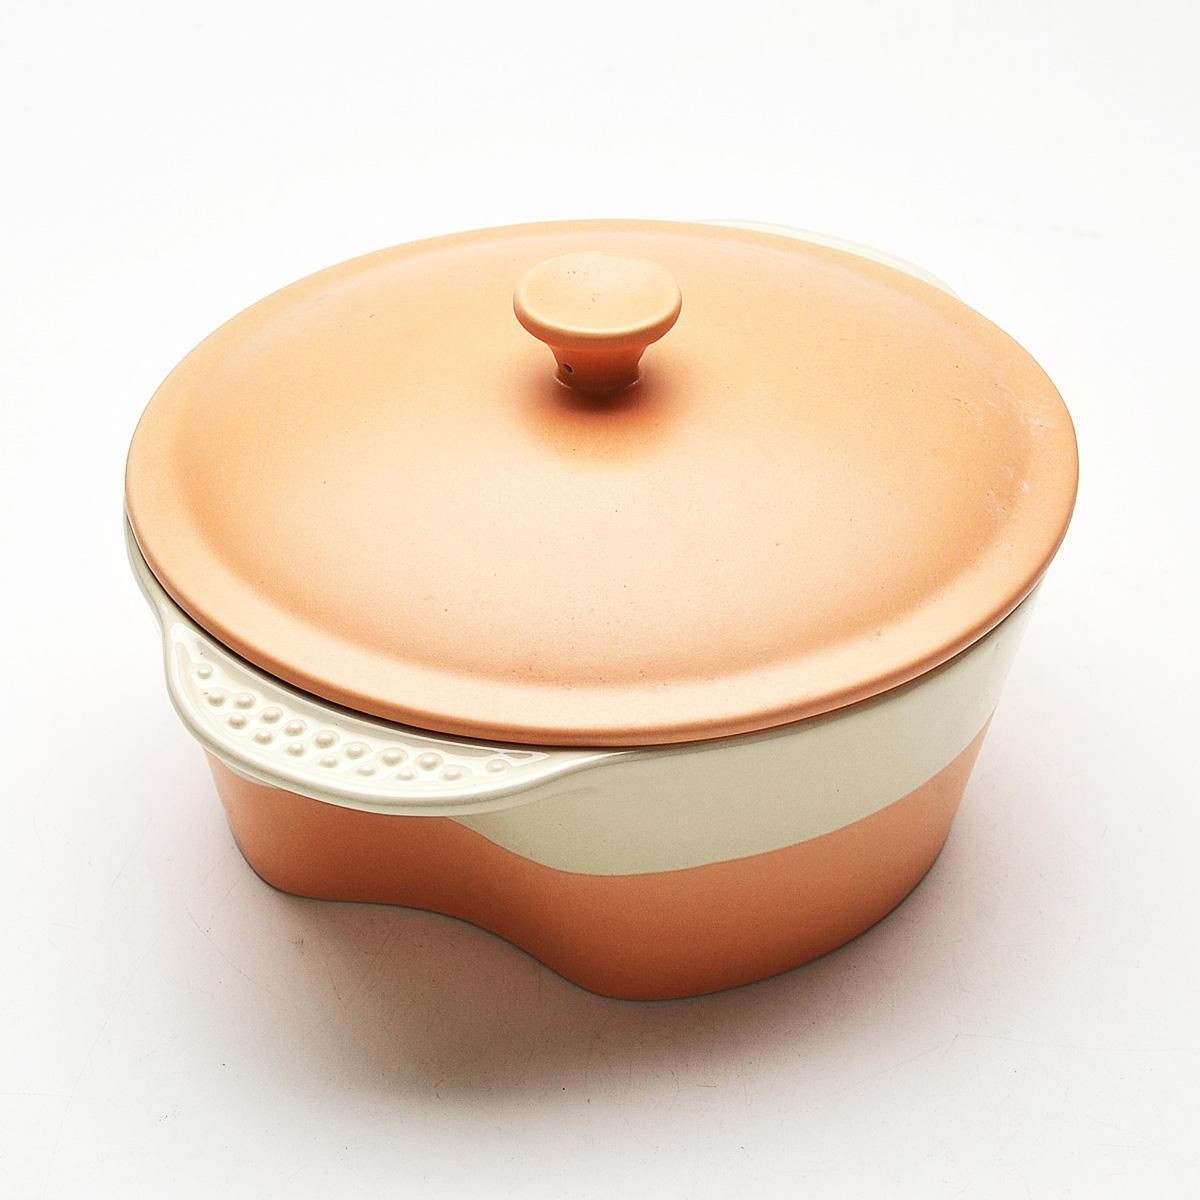 Кастрюля Mayer & Boch с крышкой, цвет: оранжевый, бежевый, 1,7 л. 2177354 009312Кастрюля Mayer & Boch, изготовленная из жаропрочной керамики, подходит для любого вида пищи. Элегантный дизайн идеально подходит для современного дома. В комплект входит крышка из керамики.Изделия из керамики идеально подходят как для приготовления пищи, так и для подачи на стол. Материал не содержит свинца и кадмия. С такой кастрюлей вы всегда сможете порадовать своих близких оригинальным блюдом.Кастрюлю можно использовать в духовом шкафу, в микроволновой печи, замораживать в холодильнике. Можно мыть в посудомоечной машине.Ширина кастрюли (с учетом ручек): 24 см.Высота стенок: 8 см.Толщина стенок: 6-7 мм.